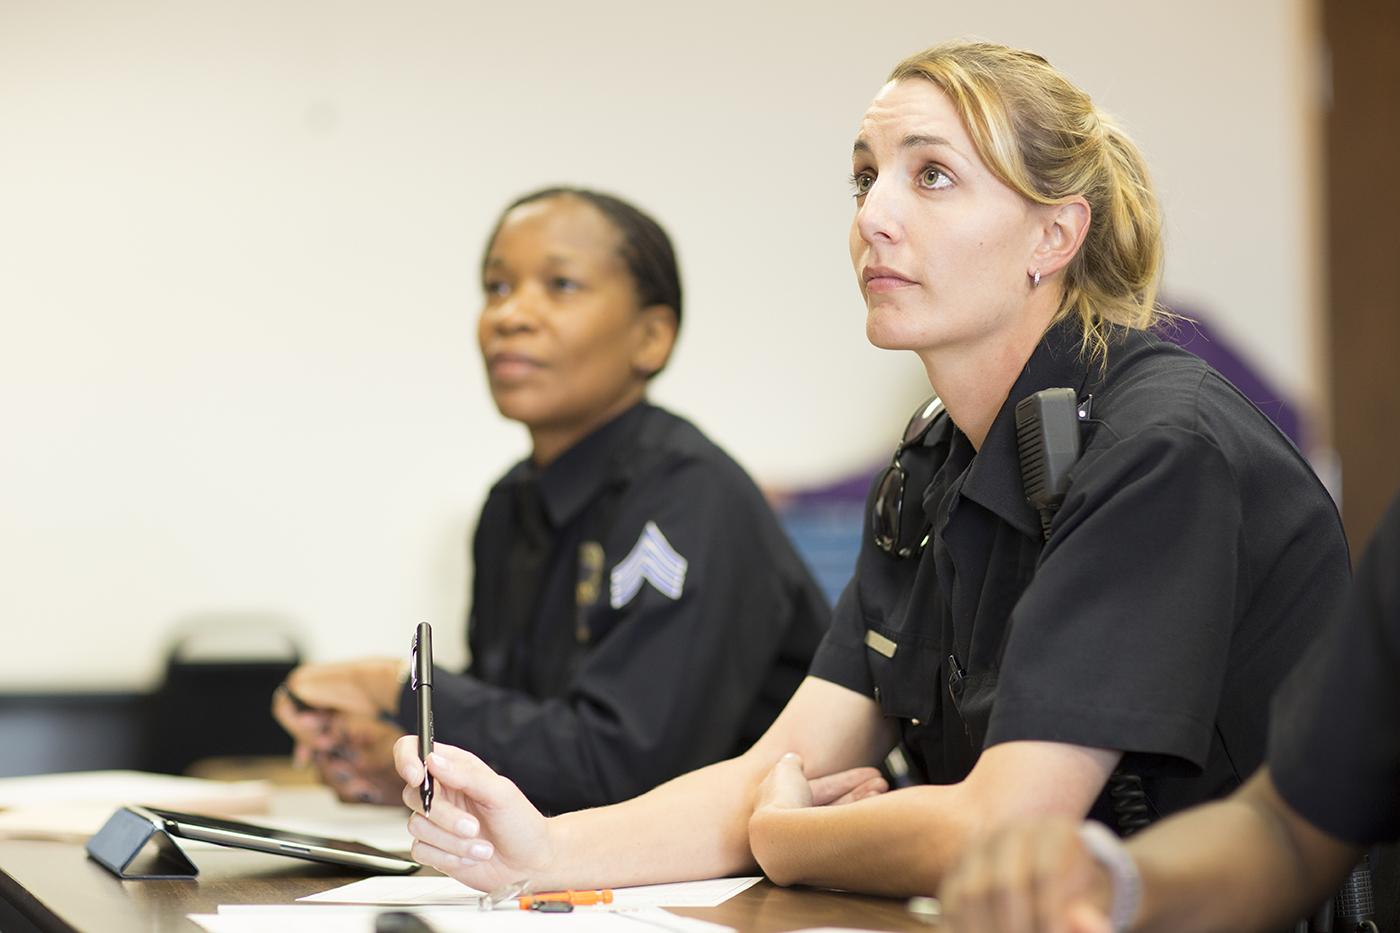 Polizeidolmetschen